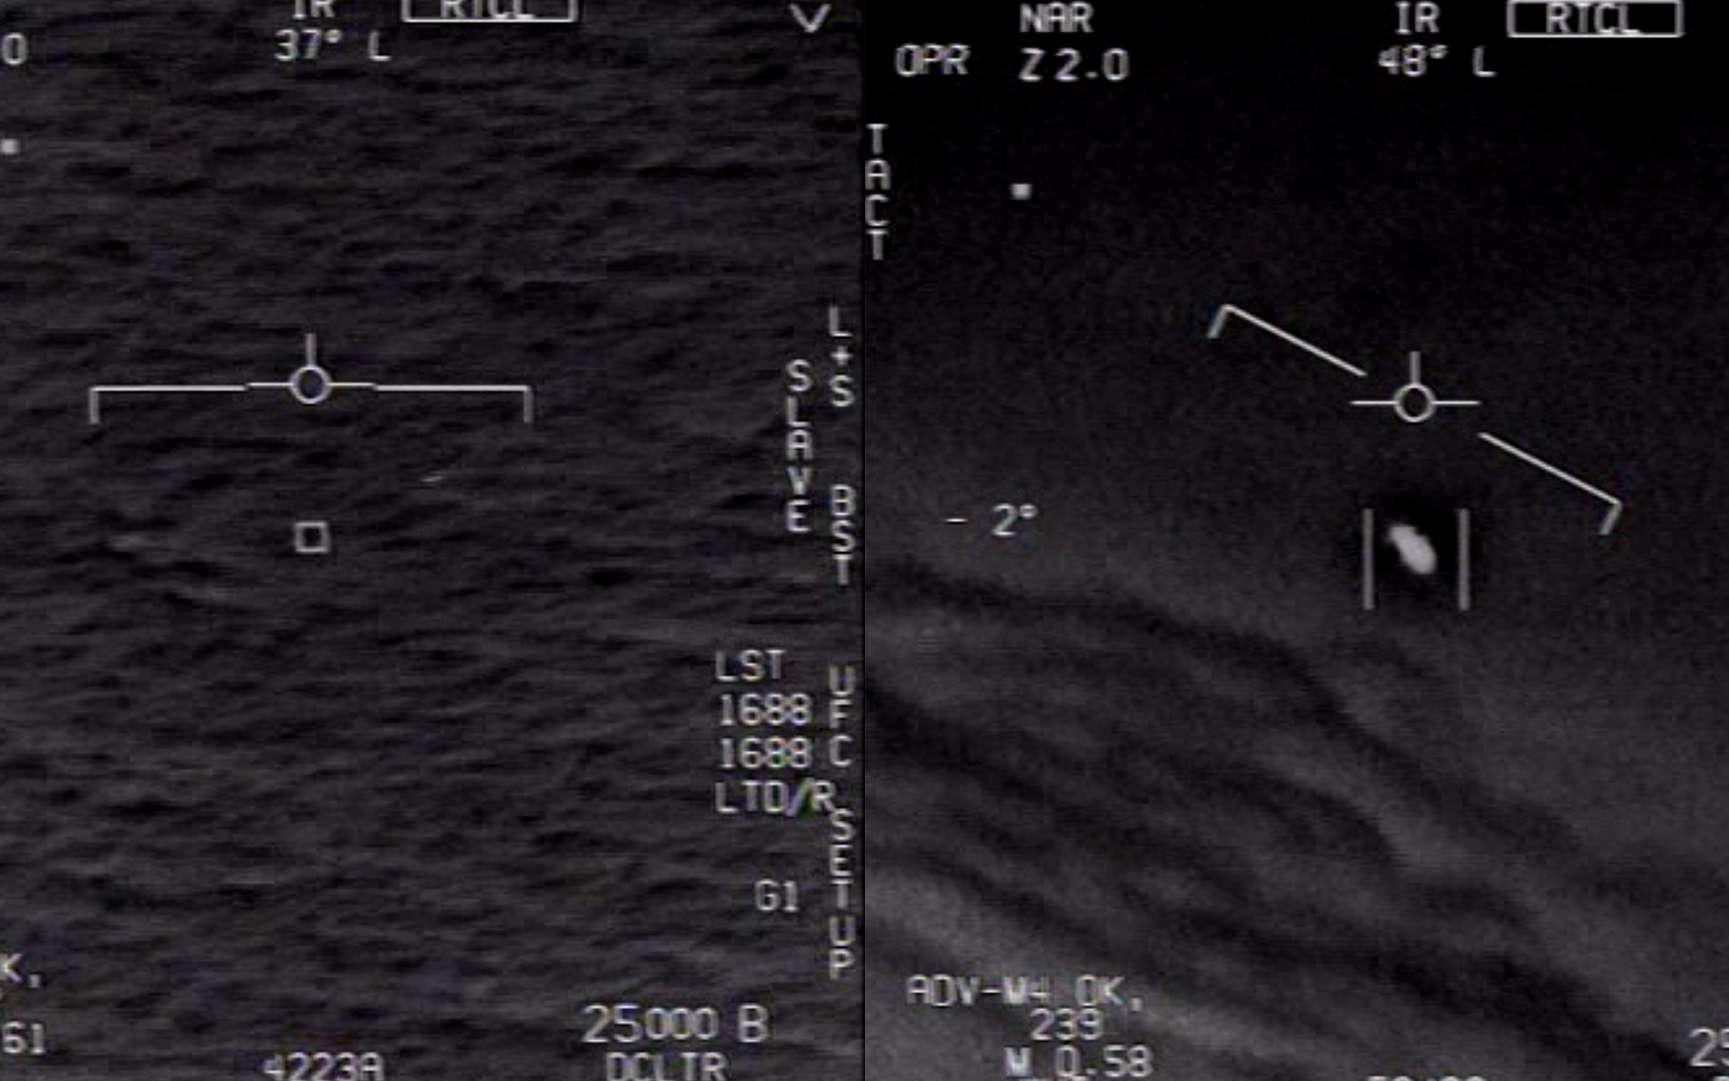 Phénomènes aériens non identifiés capturés par des pilotes d'avions de chasse américains en 2004 et 2015. © DOD, U.S. Navy